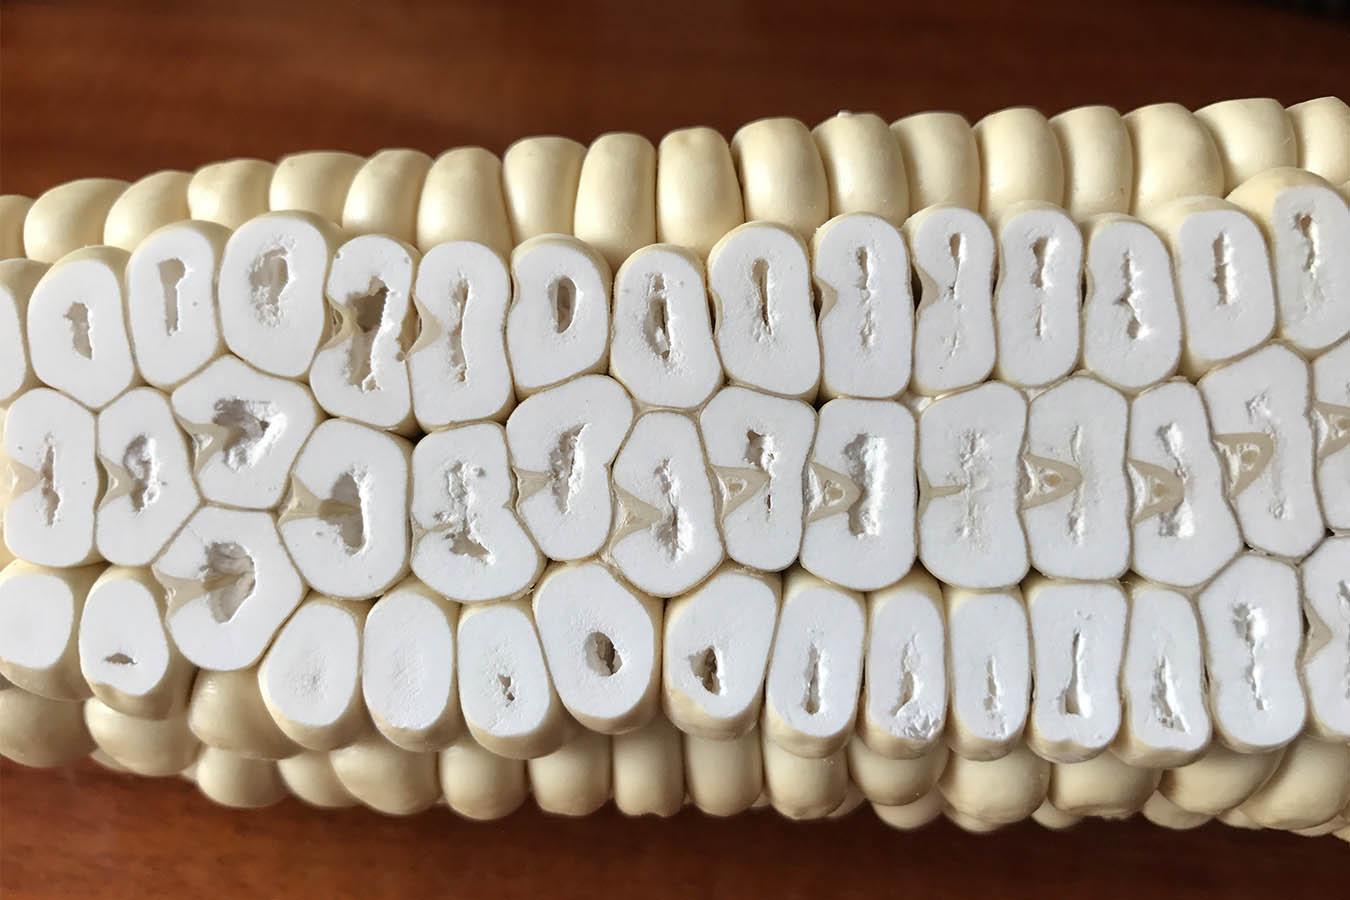 maiz harinoso maiz cacahuacintle tipos de maiz maiz criollo maiz mexicano semillas de maiz tipos de granos de maiz